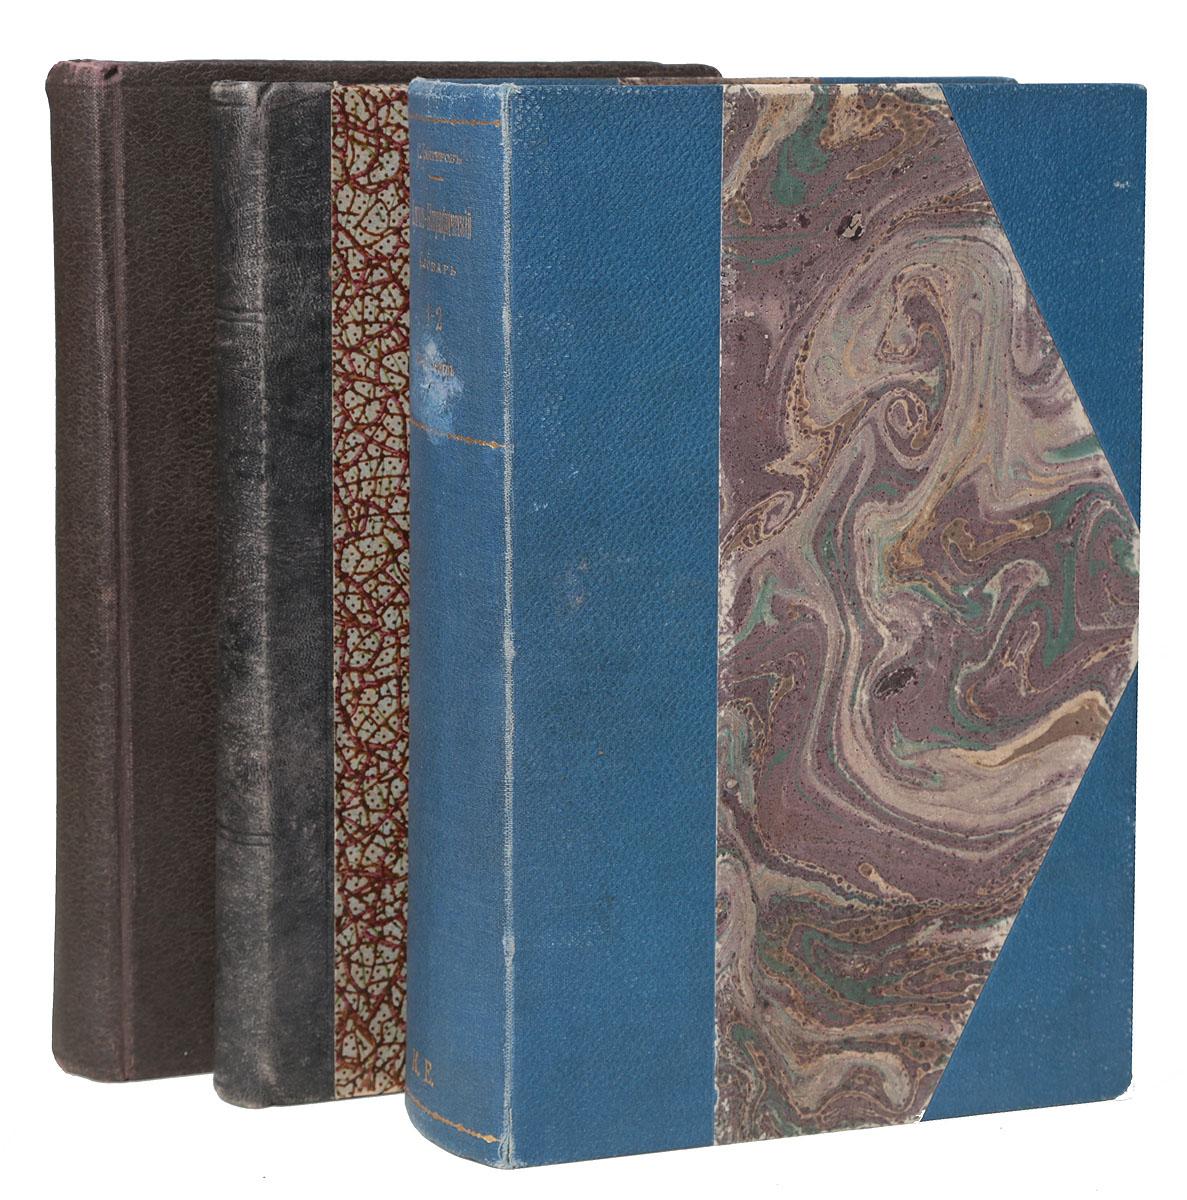 Критико-биографический словарь русских писателей и ученых. В 5 томах (комплект из 3 книг)